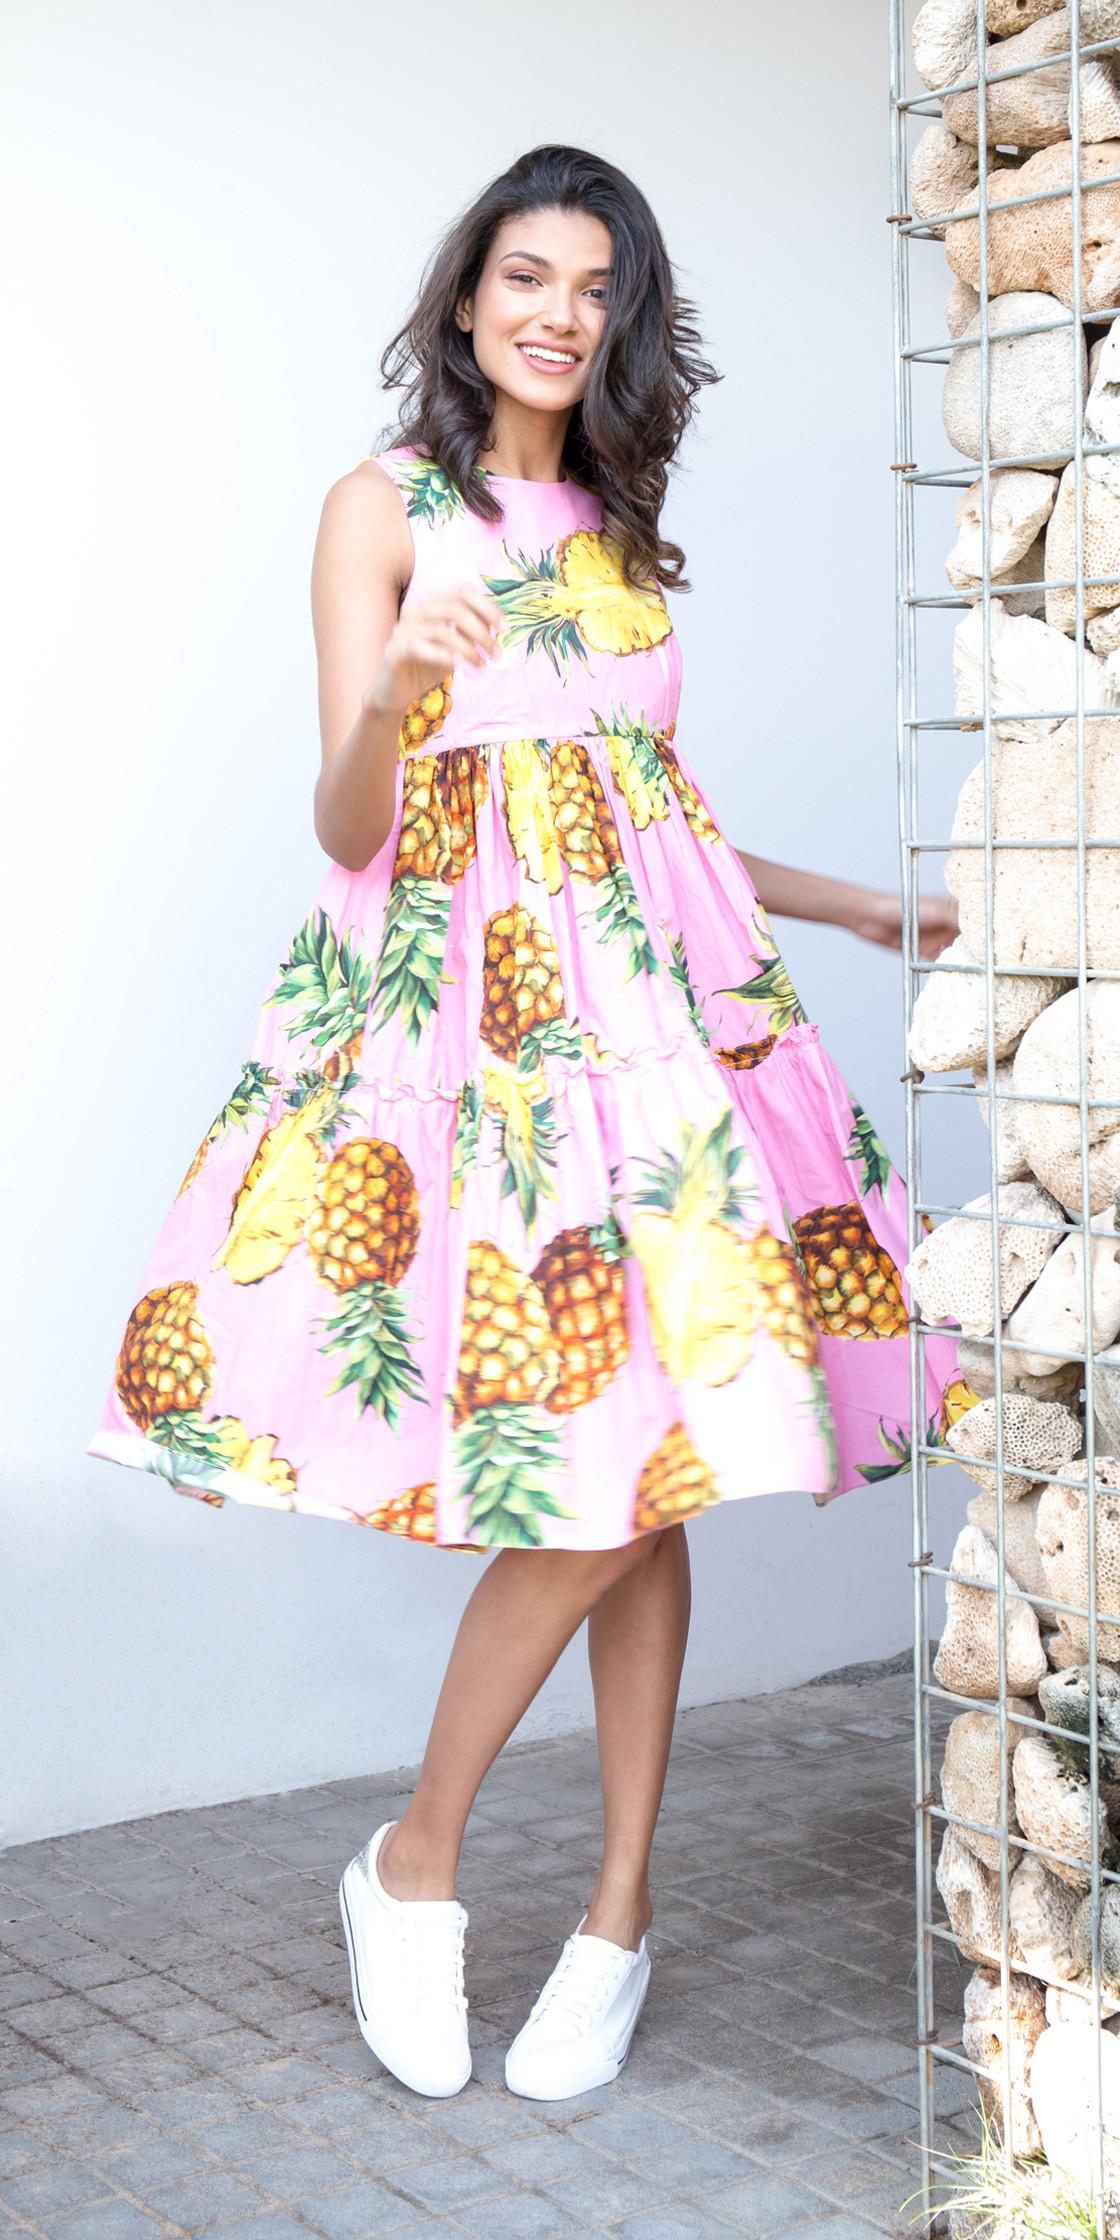 78b9ecc5 Dolce Gabbana Pineapple Print Dress